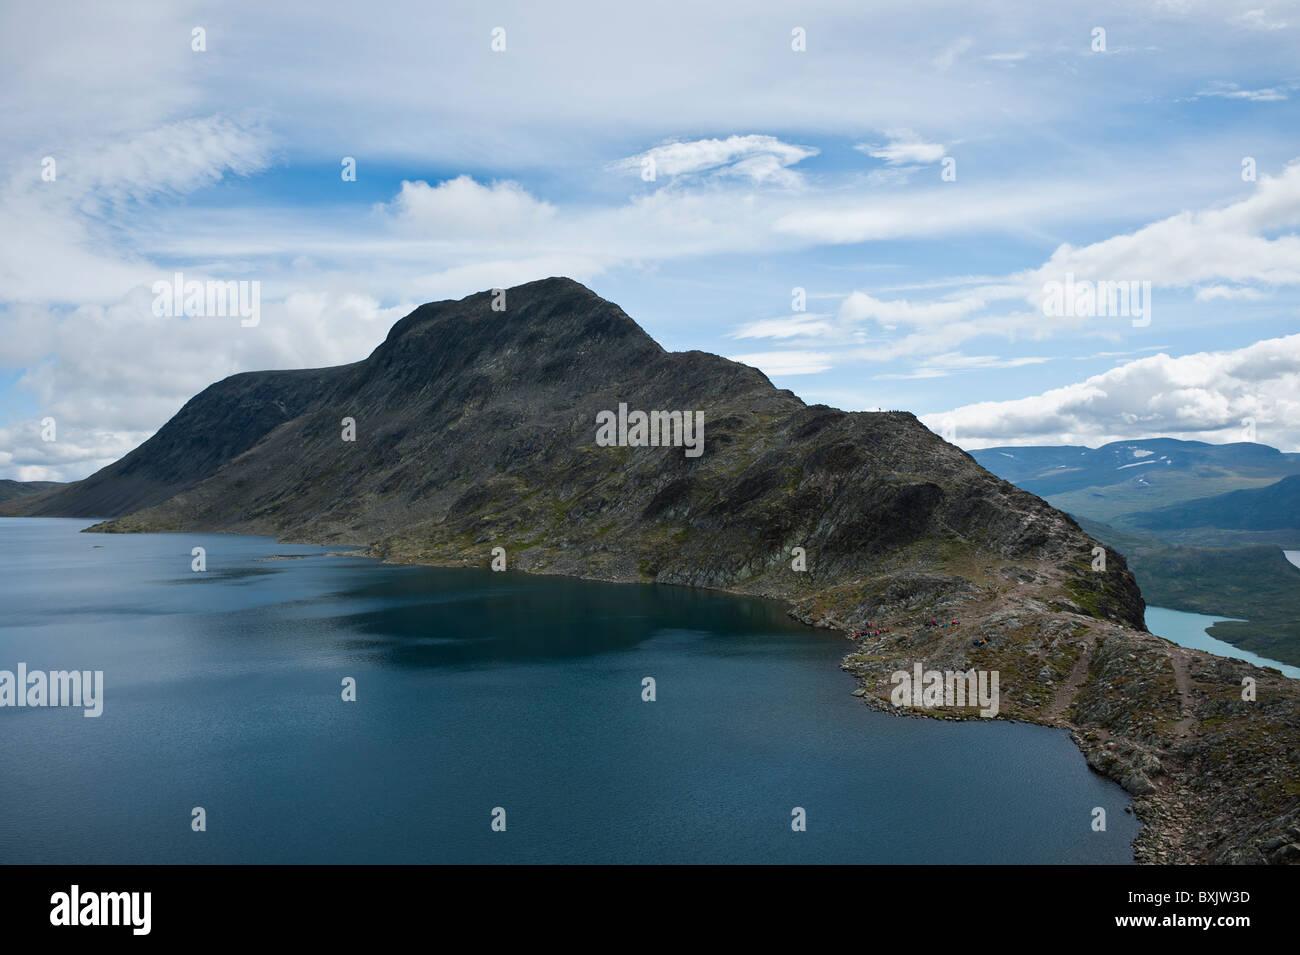 View of Besseggen ridge and Bessvatnet lake, Jotunheimen national park, Norway - Stock Image